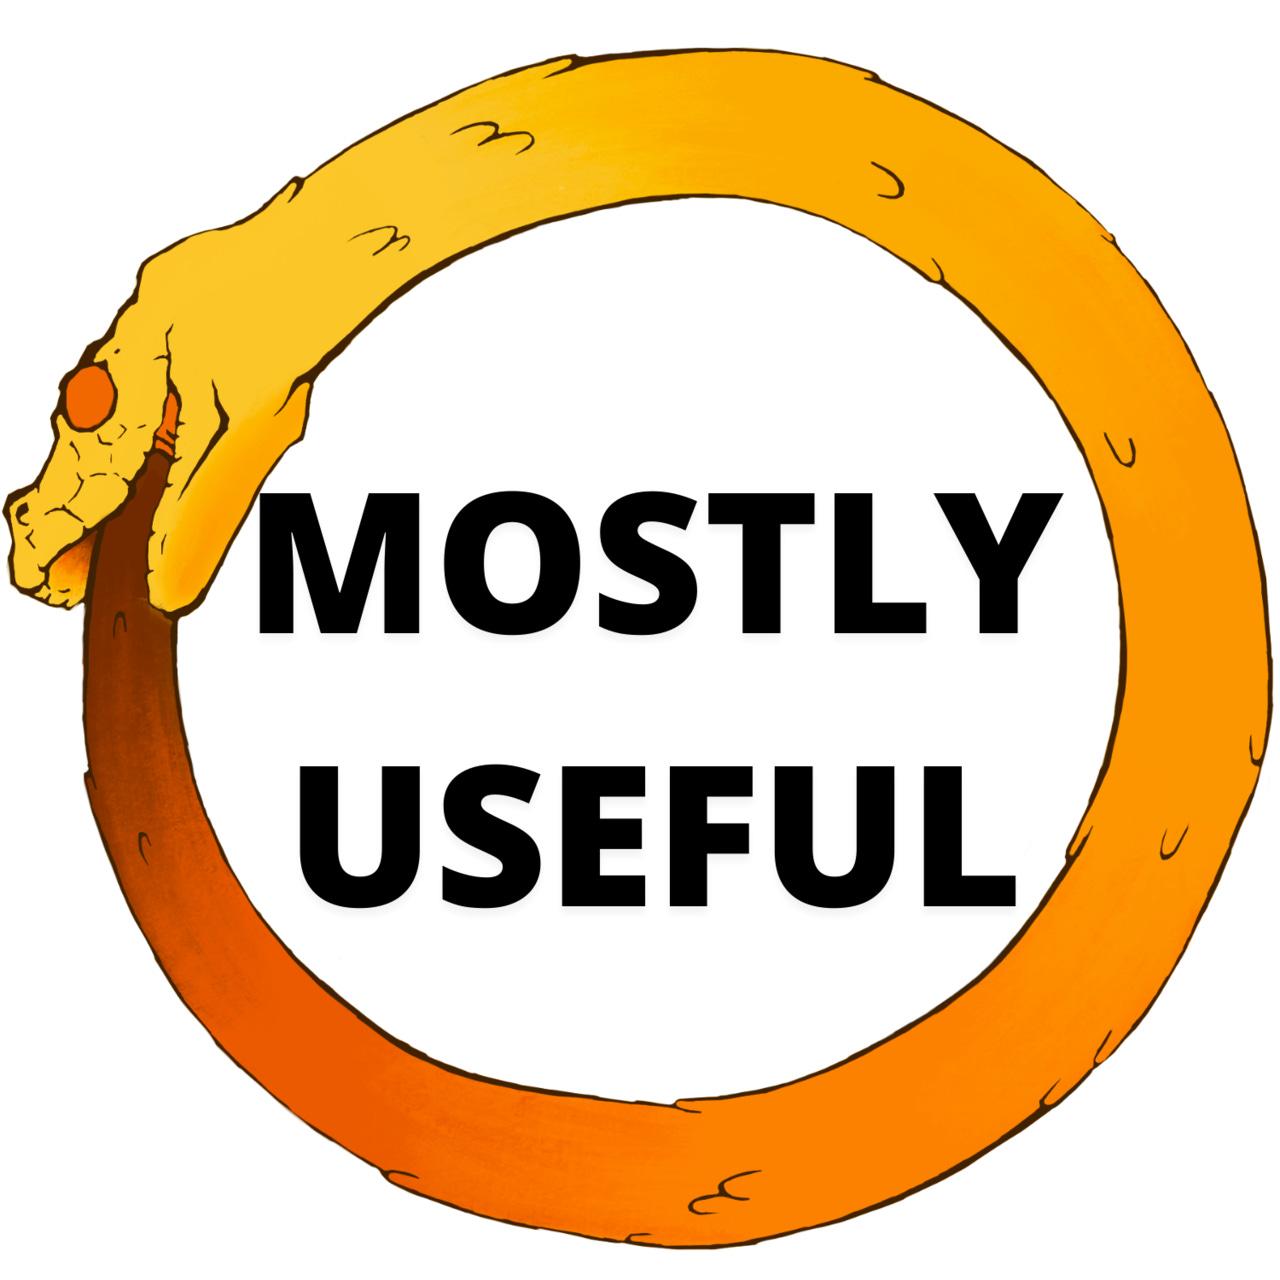 Mostly Useful